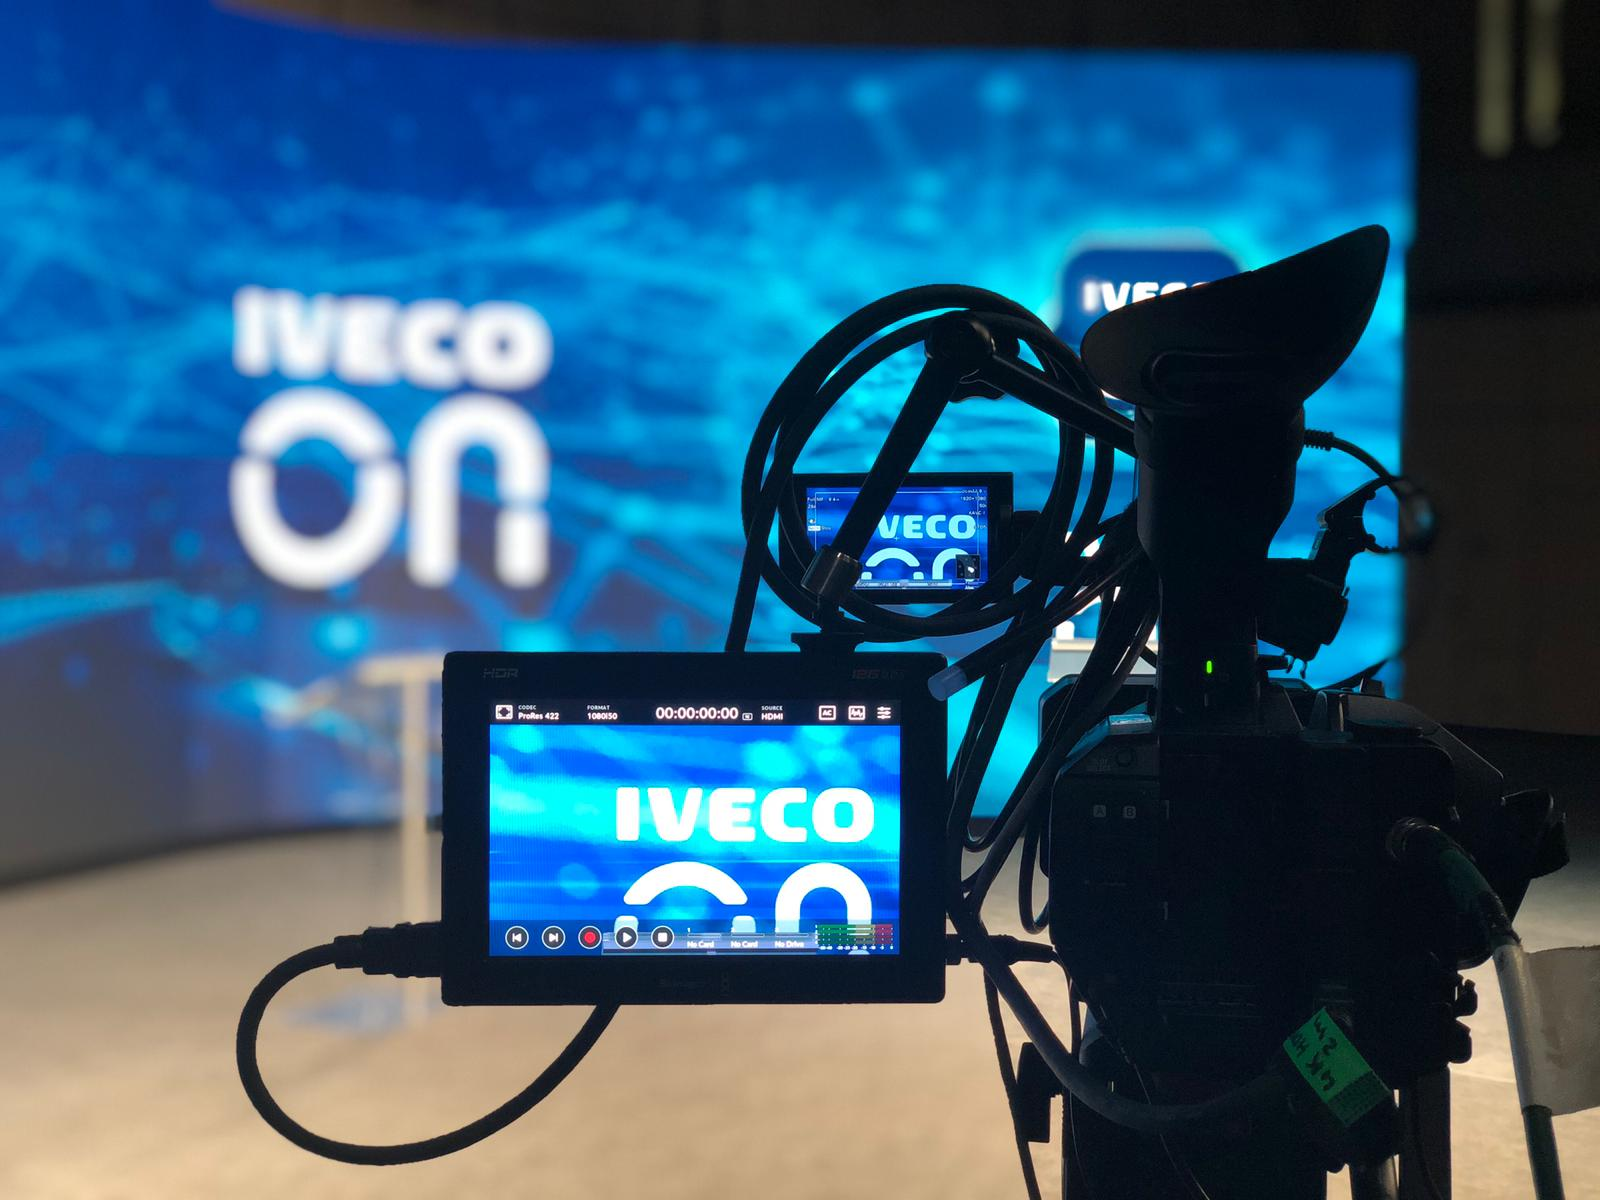 Digitální konference pro IVECO